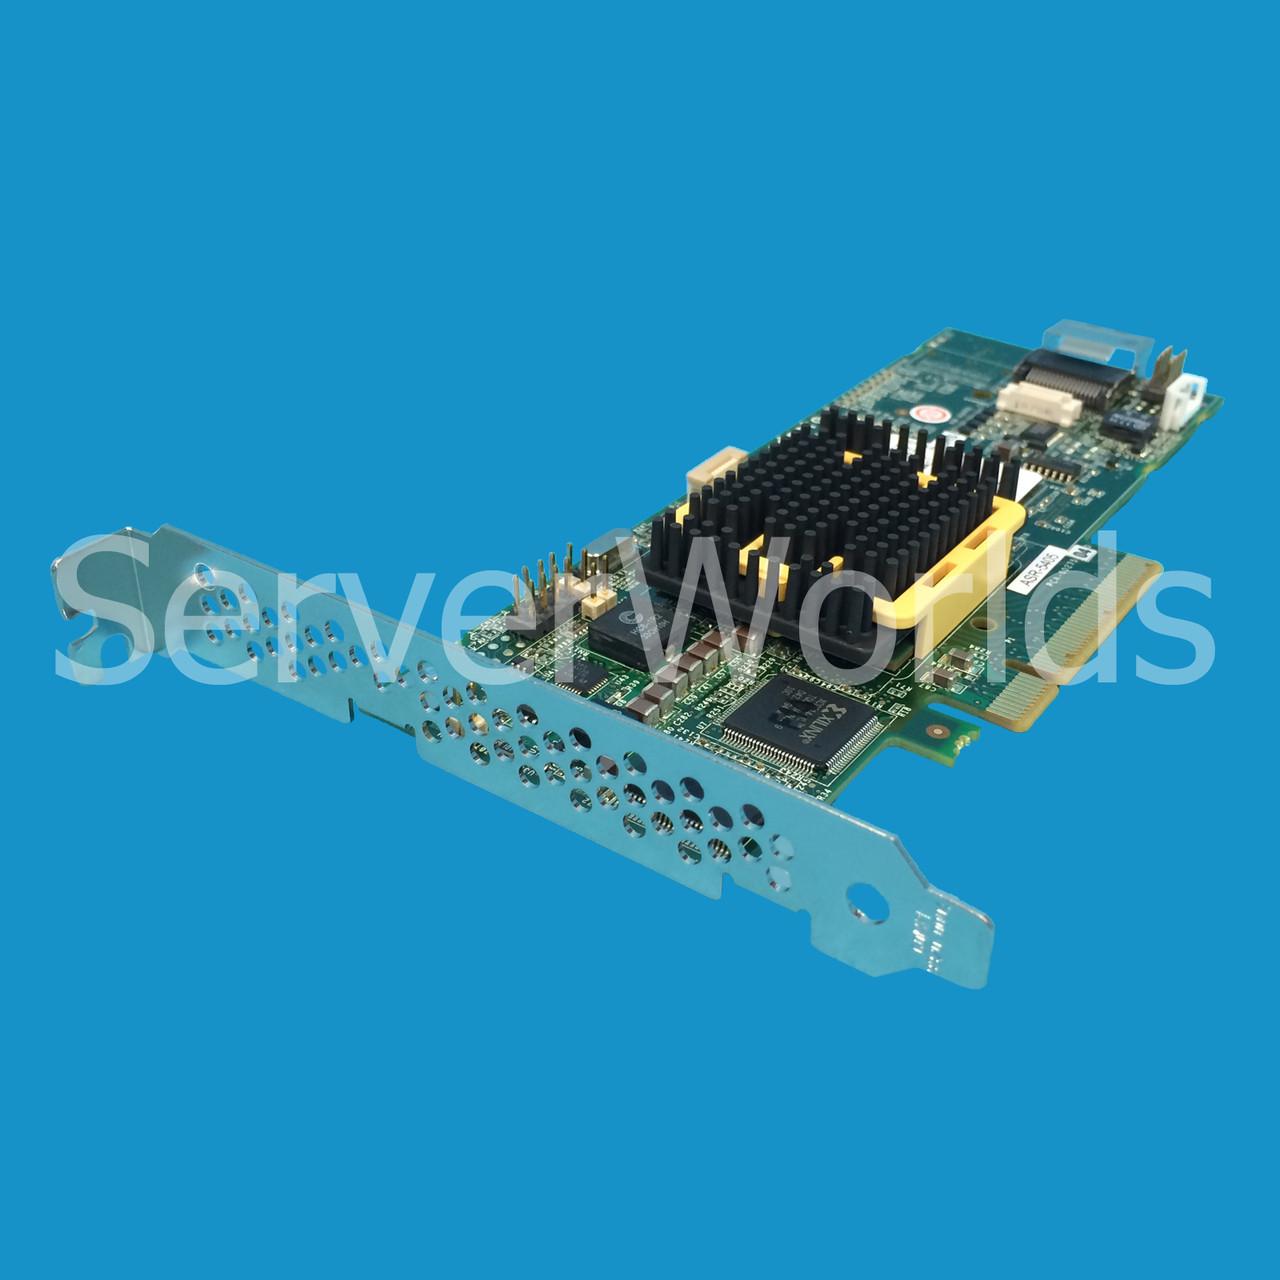 Adaptec ASR-5405/256MB - Serverworlds